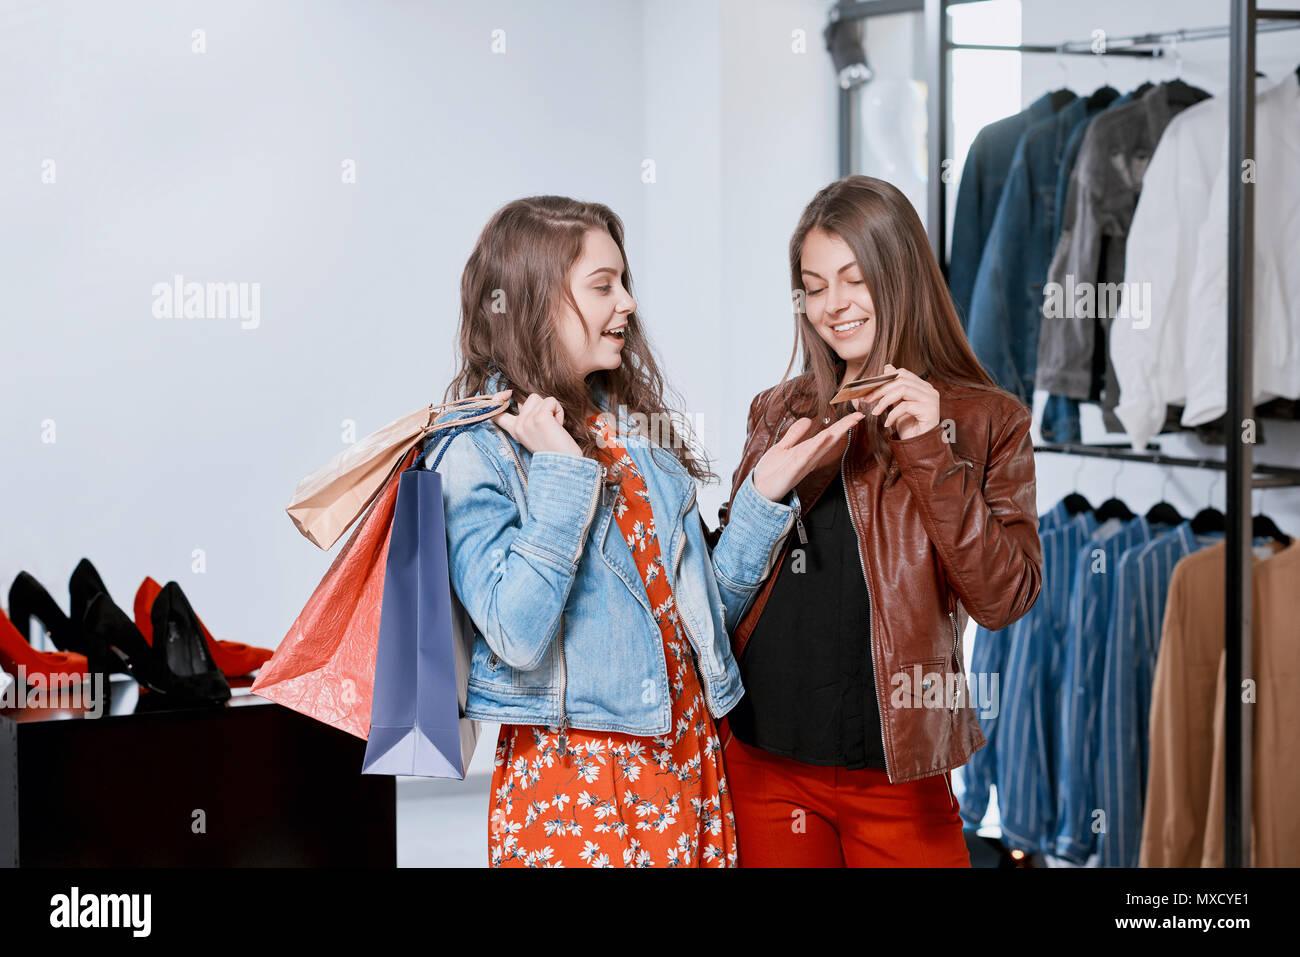 1516e396da Frontview comprando ropa de las niñas durante las compras en el centro  comercial. Mantenimiento de